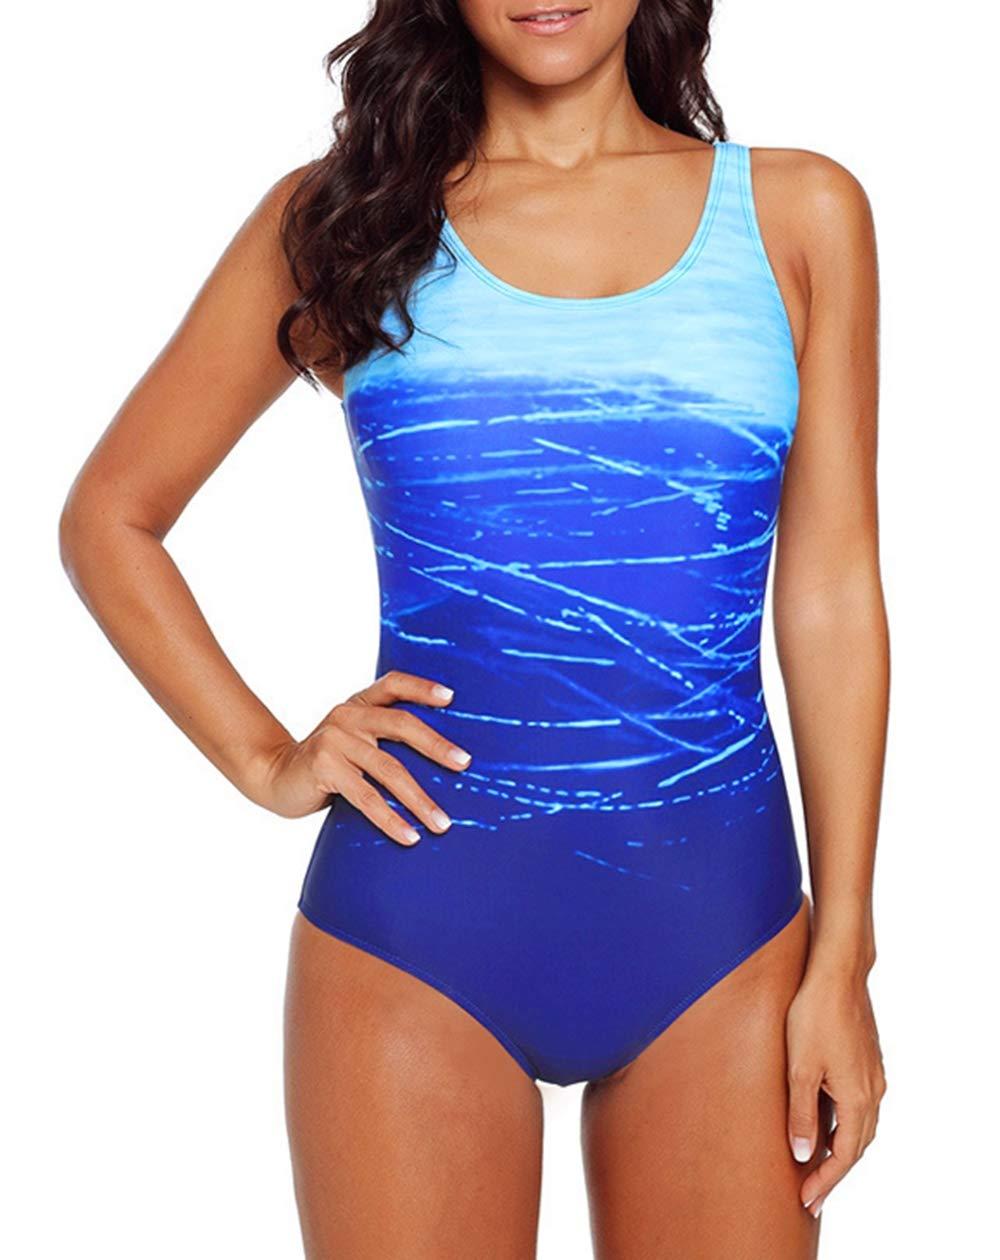 Temptme Apparel Women Athletic Gradient Color One Piece Swimsuit Color Block Crisscross Swimwear Bathing Suit S